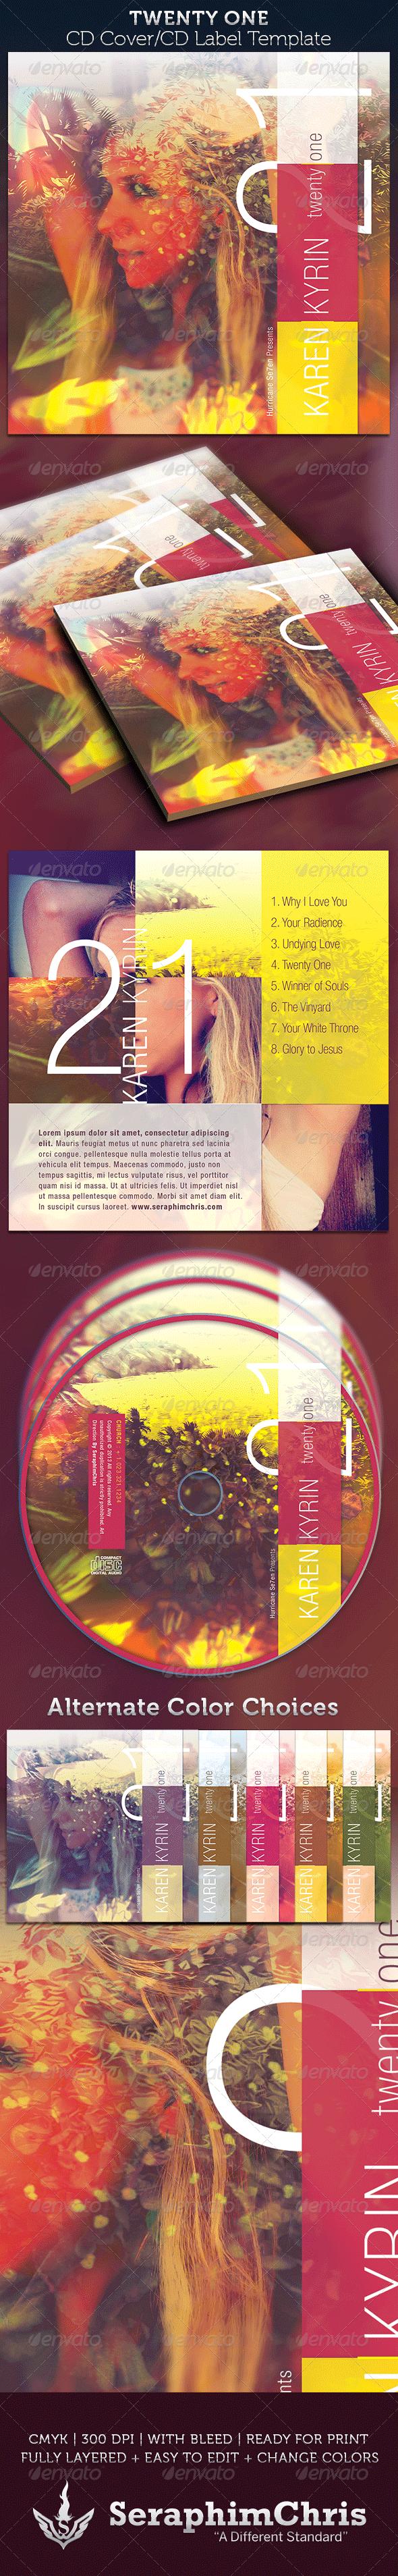 GraphicRiver Twenty One CD Cover Artwork Template 4006815